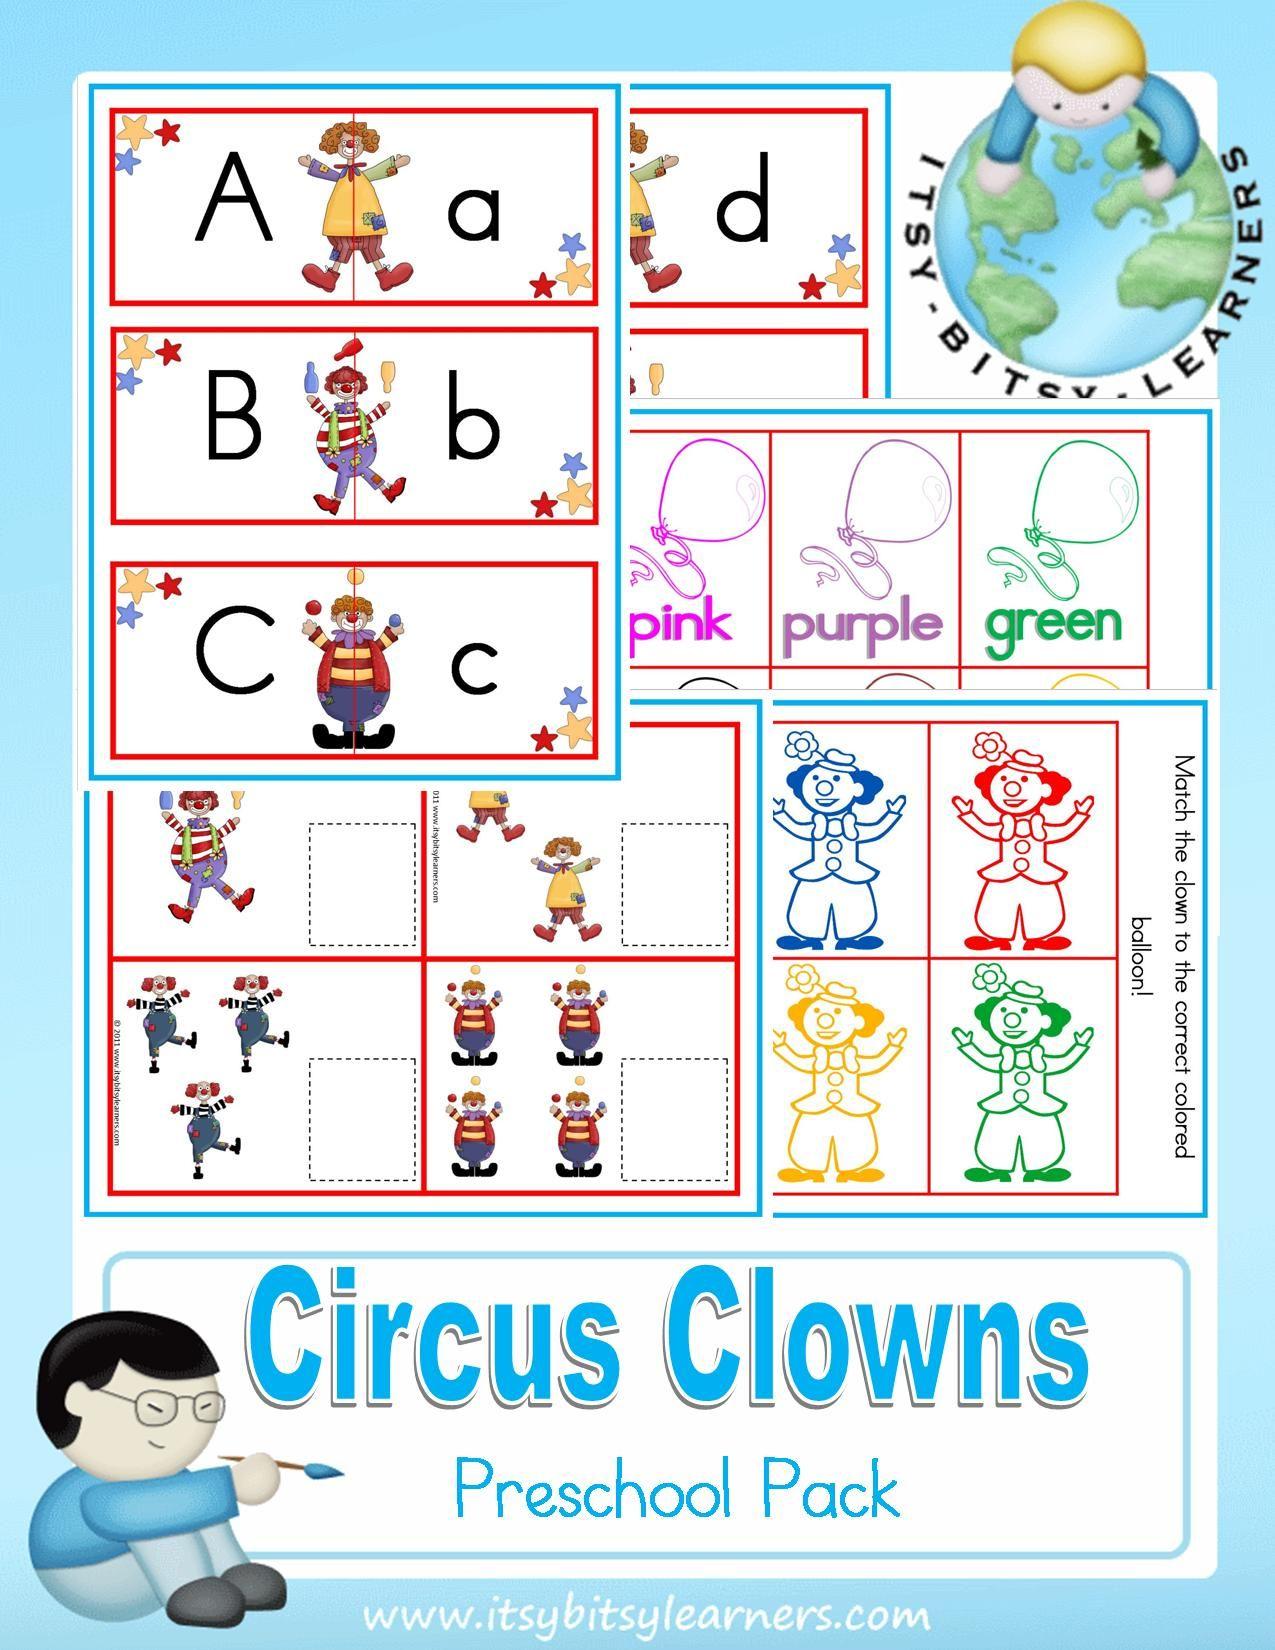 Circus Clowns Preschool Pack 3 19 Zen Cart The Art Of E Commerce Preschool Themes Circus Theme Preschool Preschool Fun [ 1650 x 1275 Pixel ]